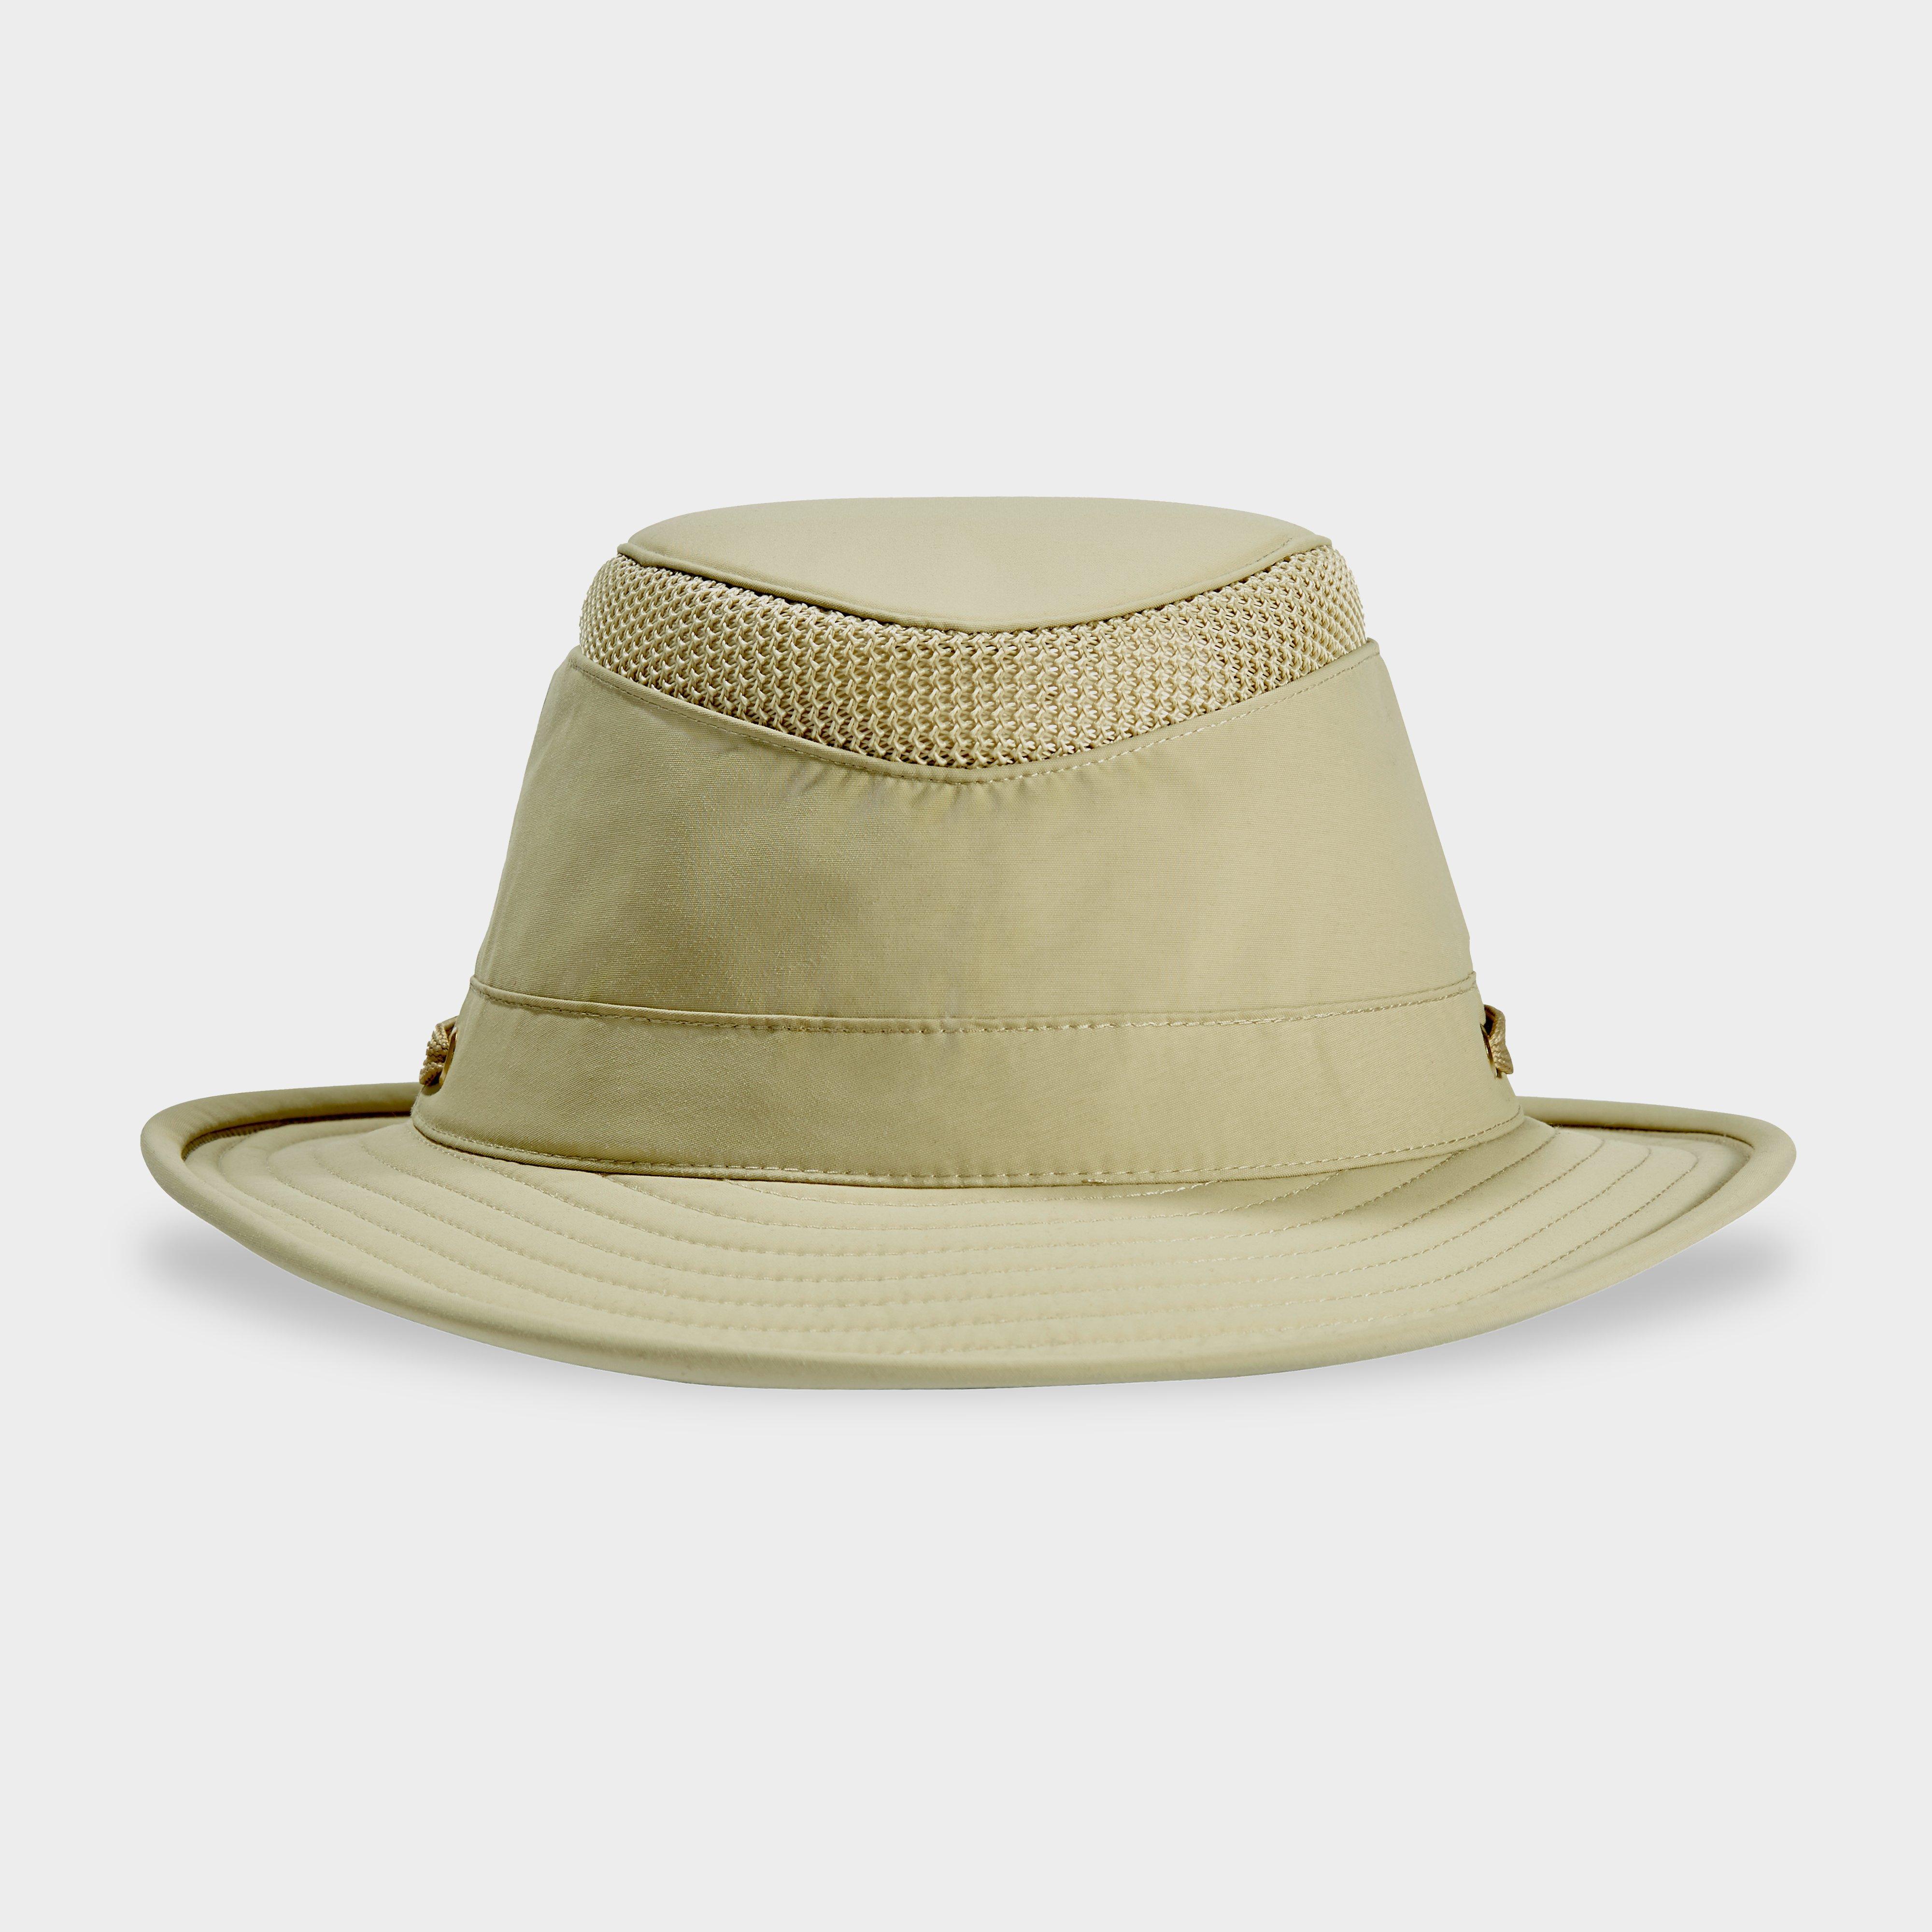 Tilley Ltm5 Airflow Hat - Cream, Cream